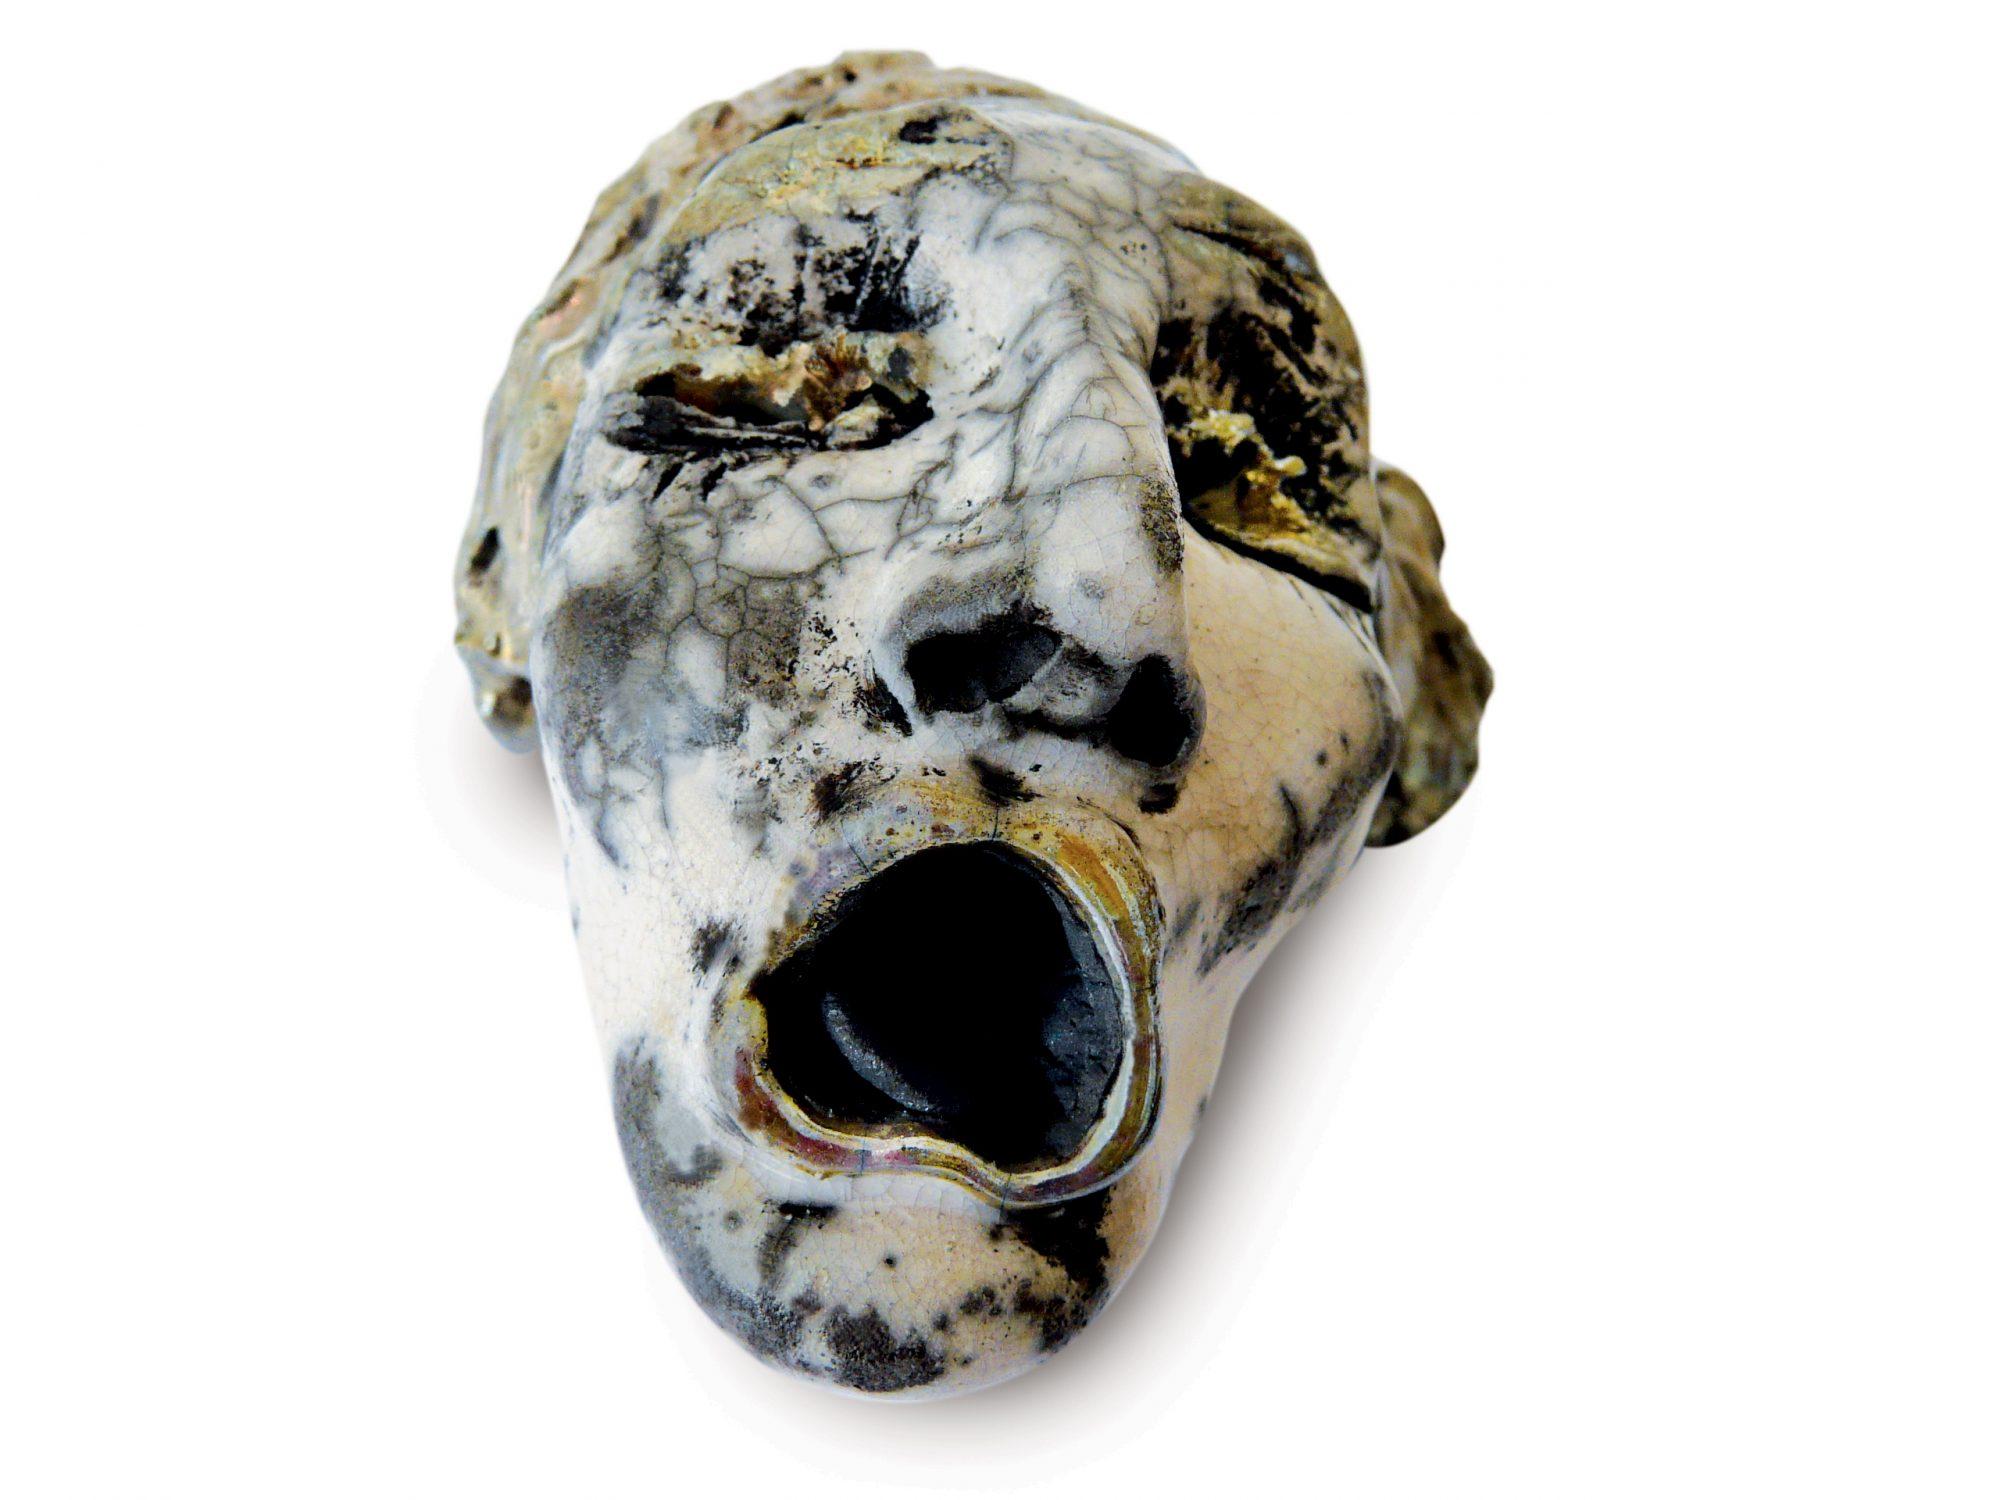 Yono - Grès - Cuisson Raku - Sculptures céramique de Florence Lemiegre